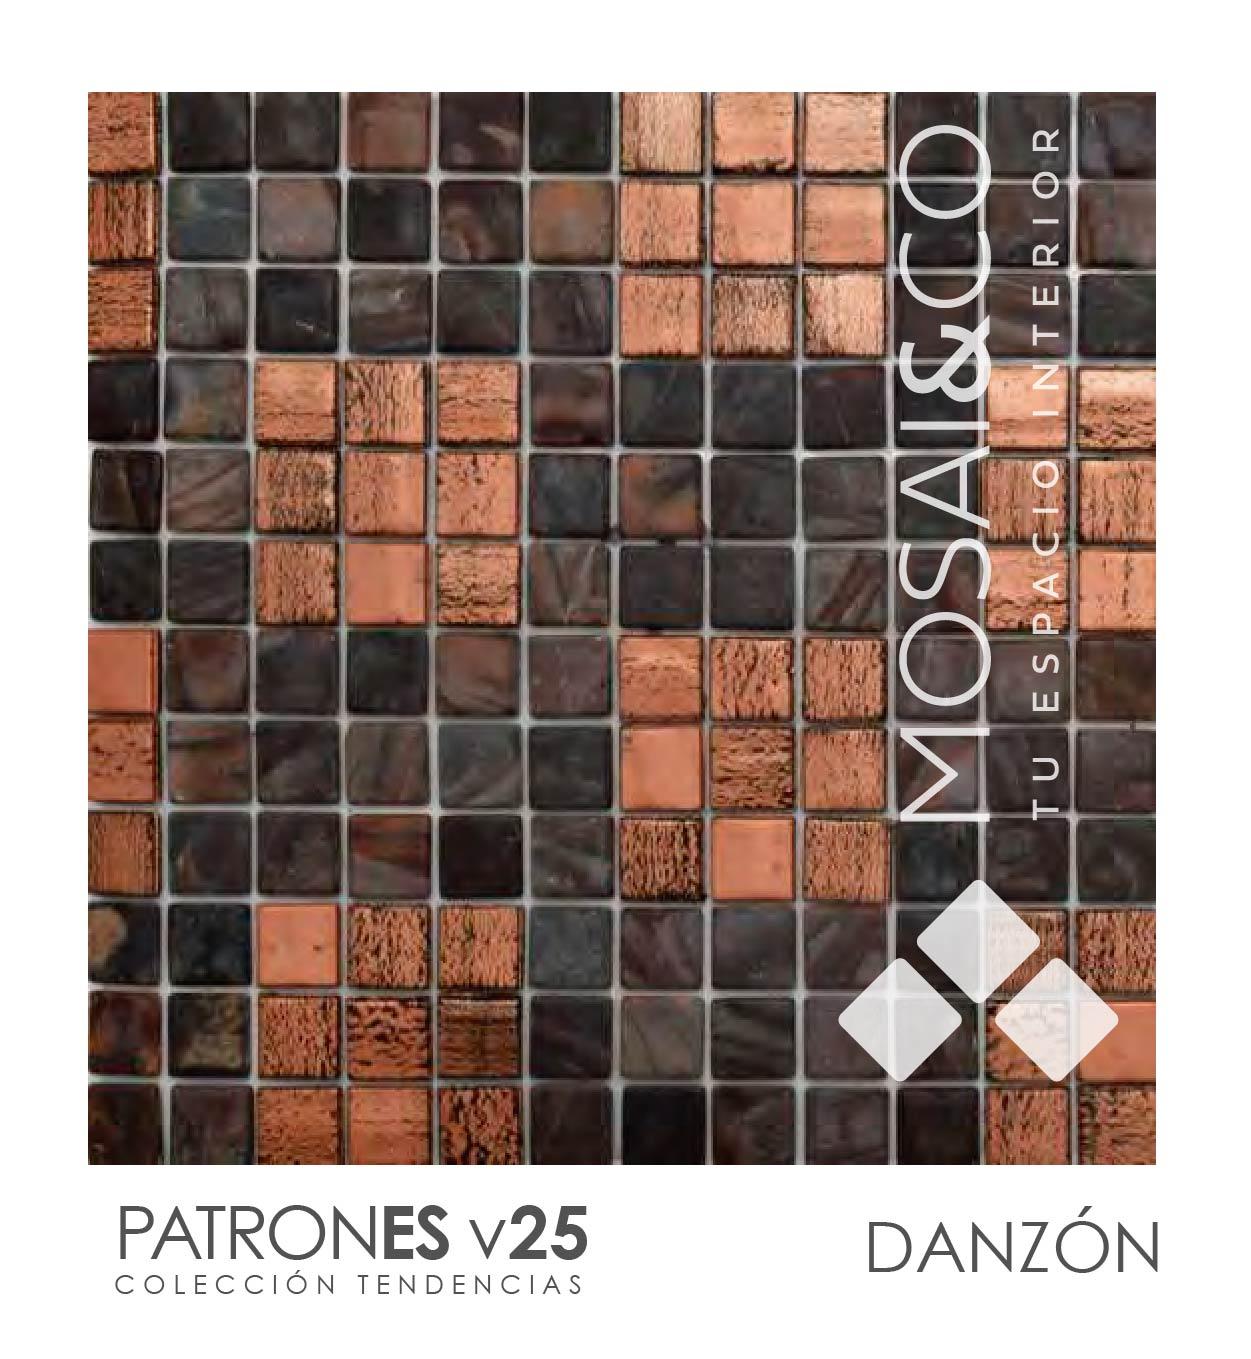 mosaico-decoracion-interiores-mosaiandco-coleccion-patrones-v25-_Mesa de trabajo 1 copia 48